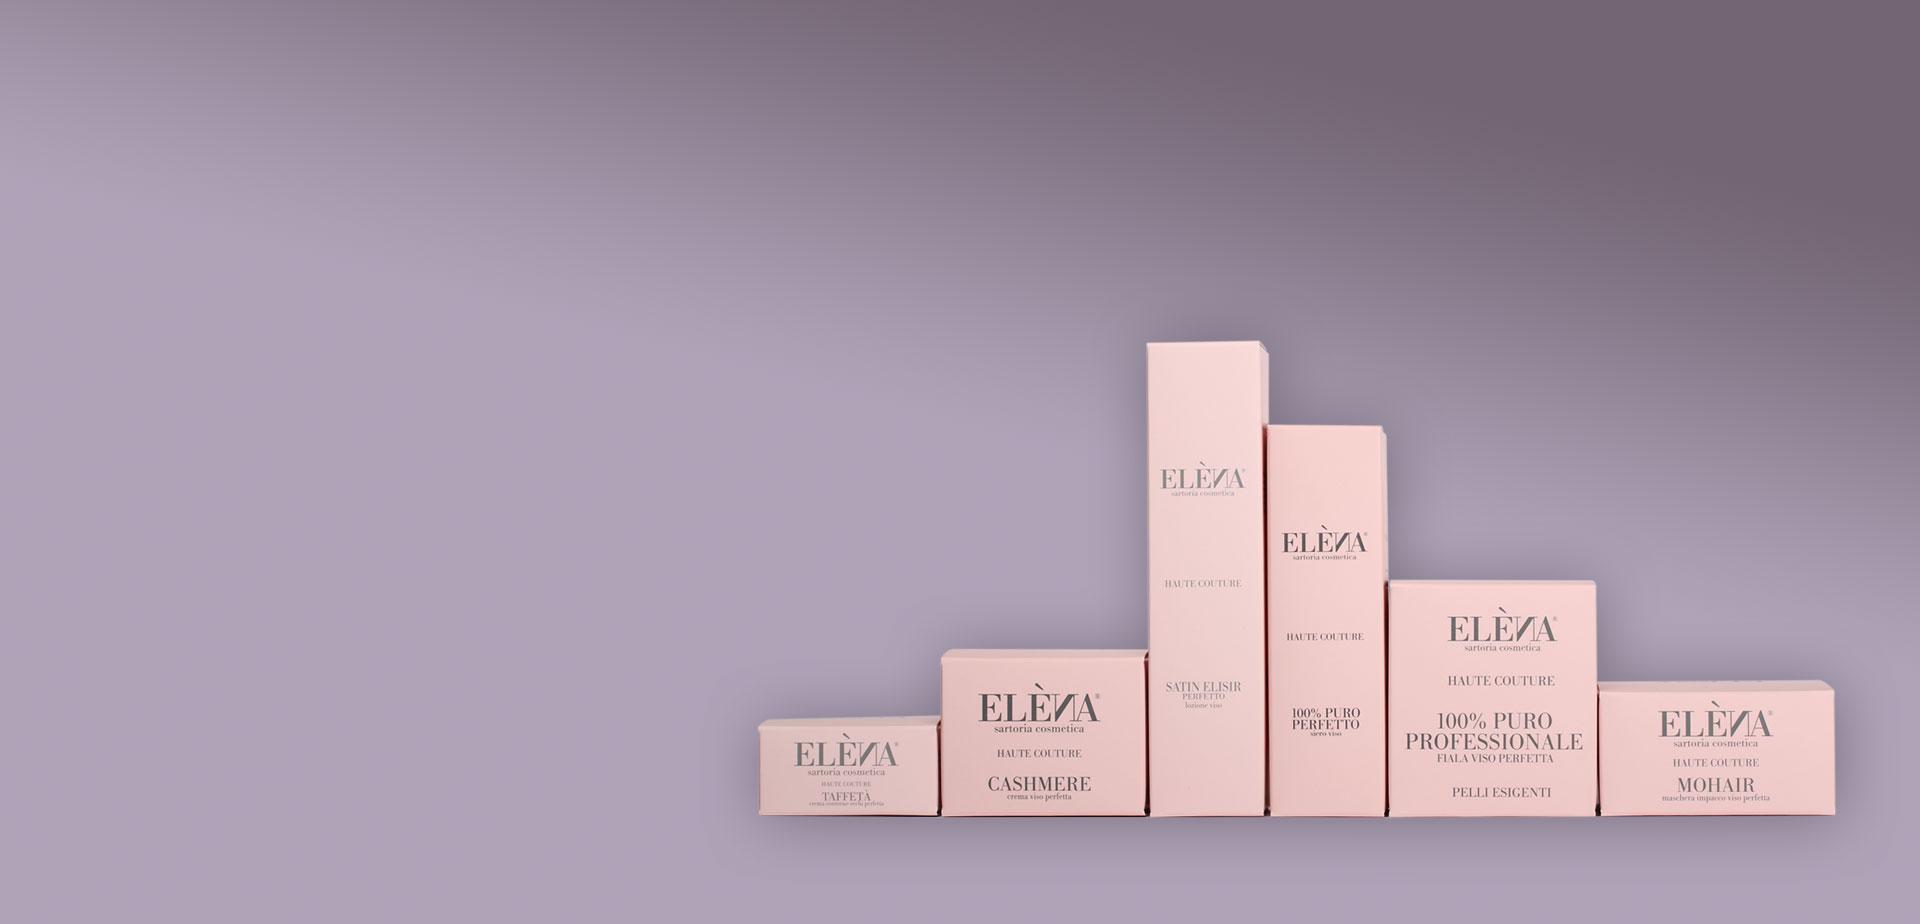 Elena Sartoria Cosmetica - Haute Couture